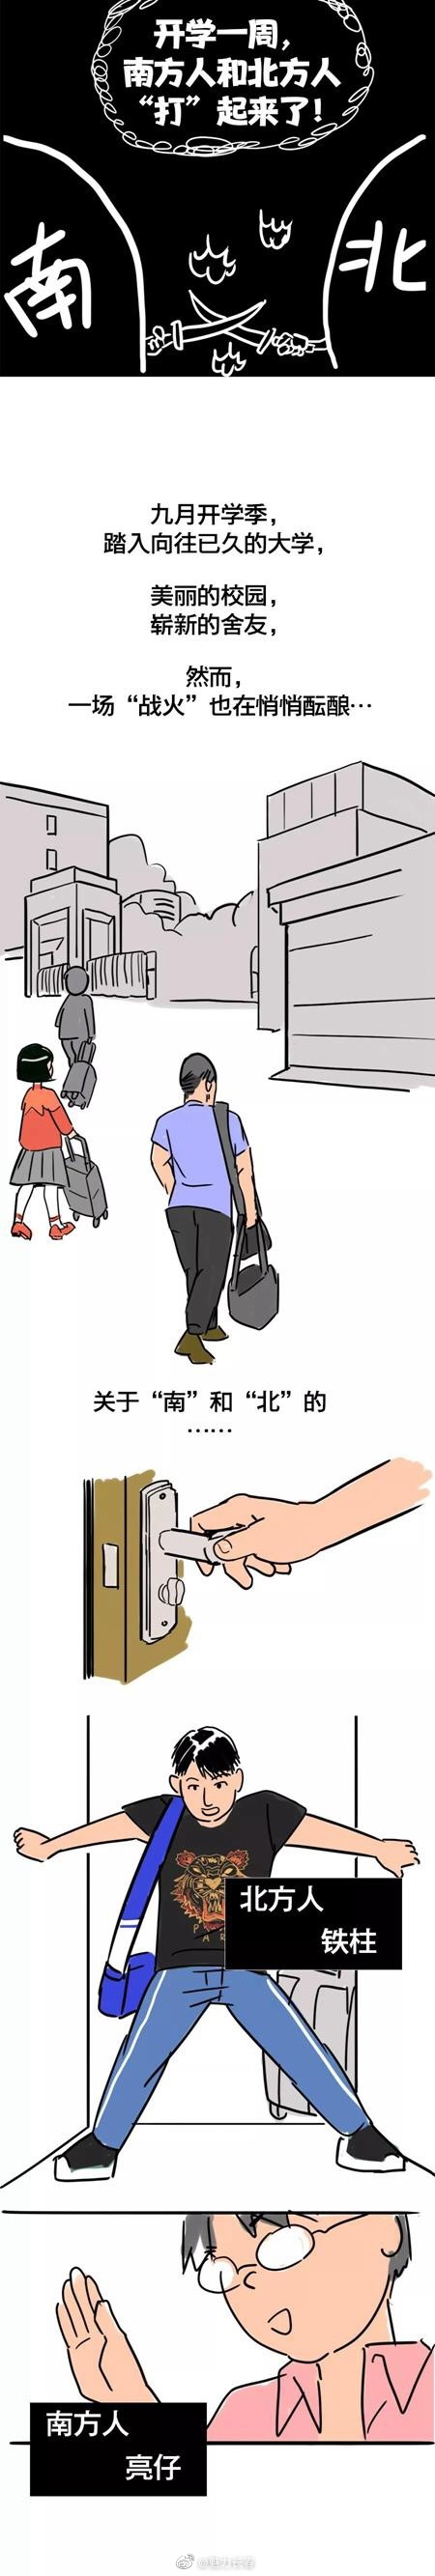 """开学一周,南方人和北方人""""打起来了""""(中国经济周刊)"""